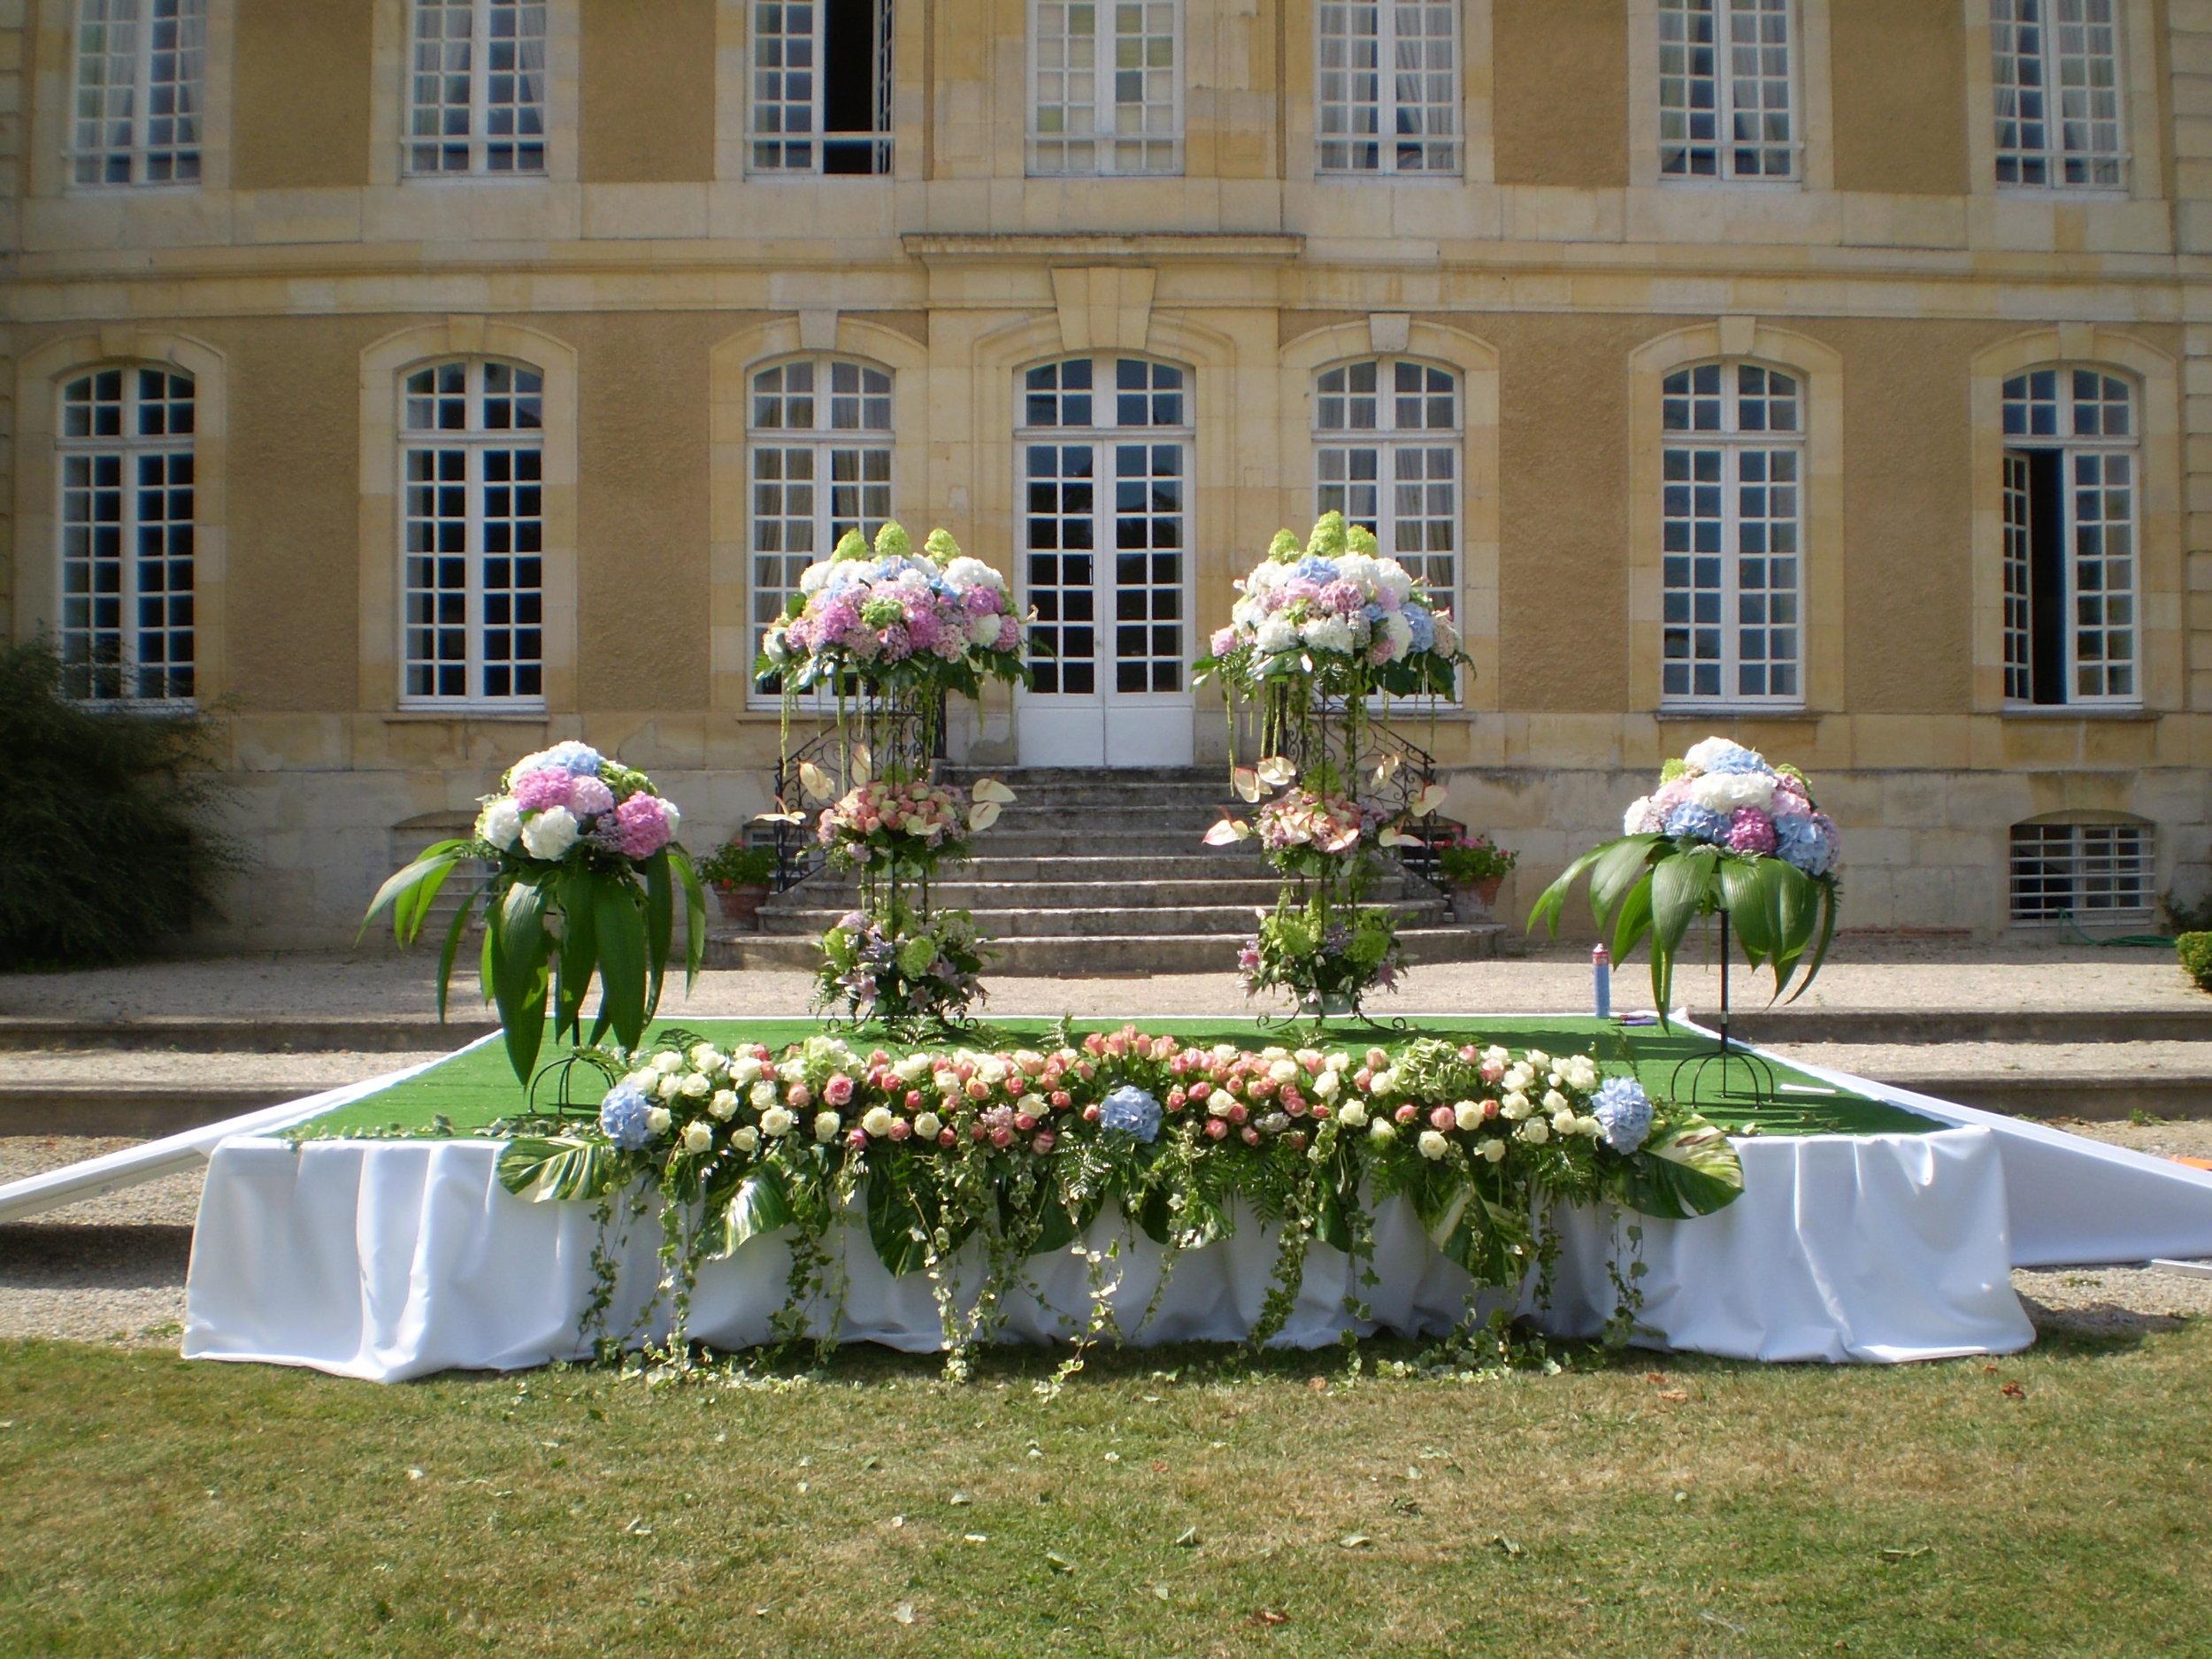 Mariages et fêtes - Cela fait dix ans que le château du Mesnil d'O accueille et contribue à organiser des mariages, des anniversaires, des séminaires.Dix d'expérience au service de votre cérémonie !